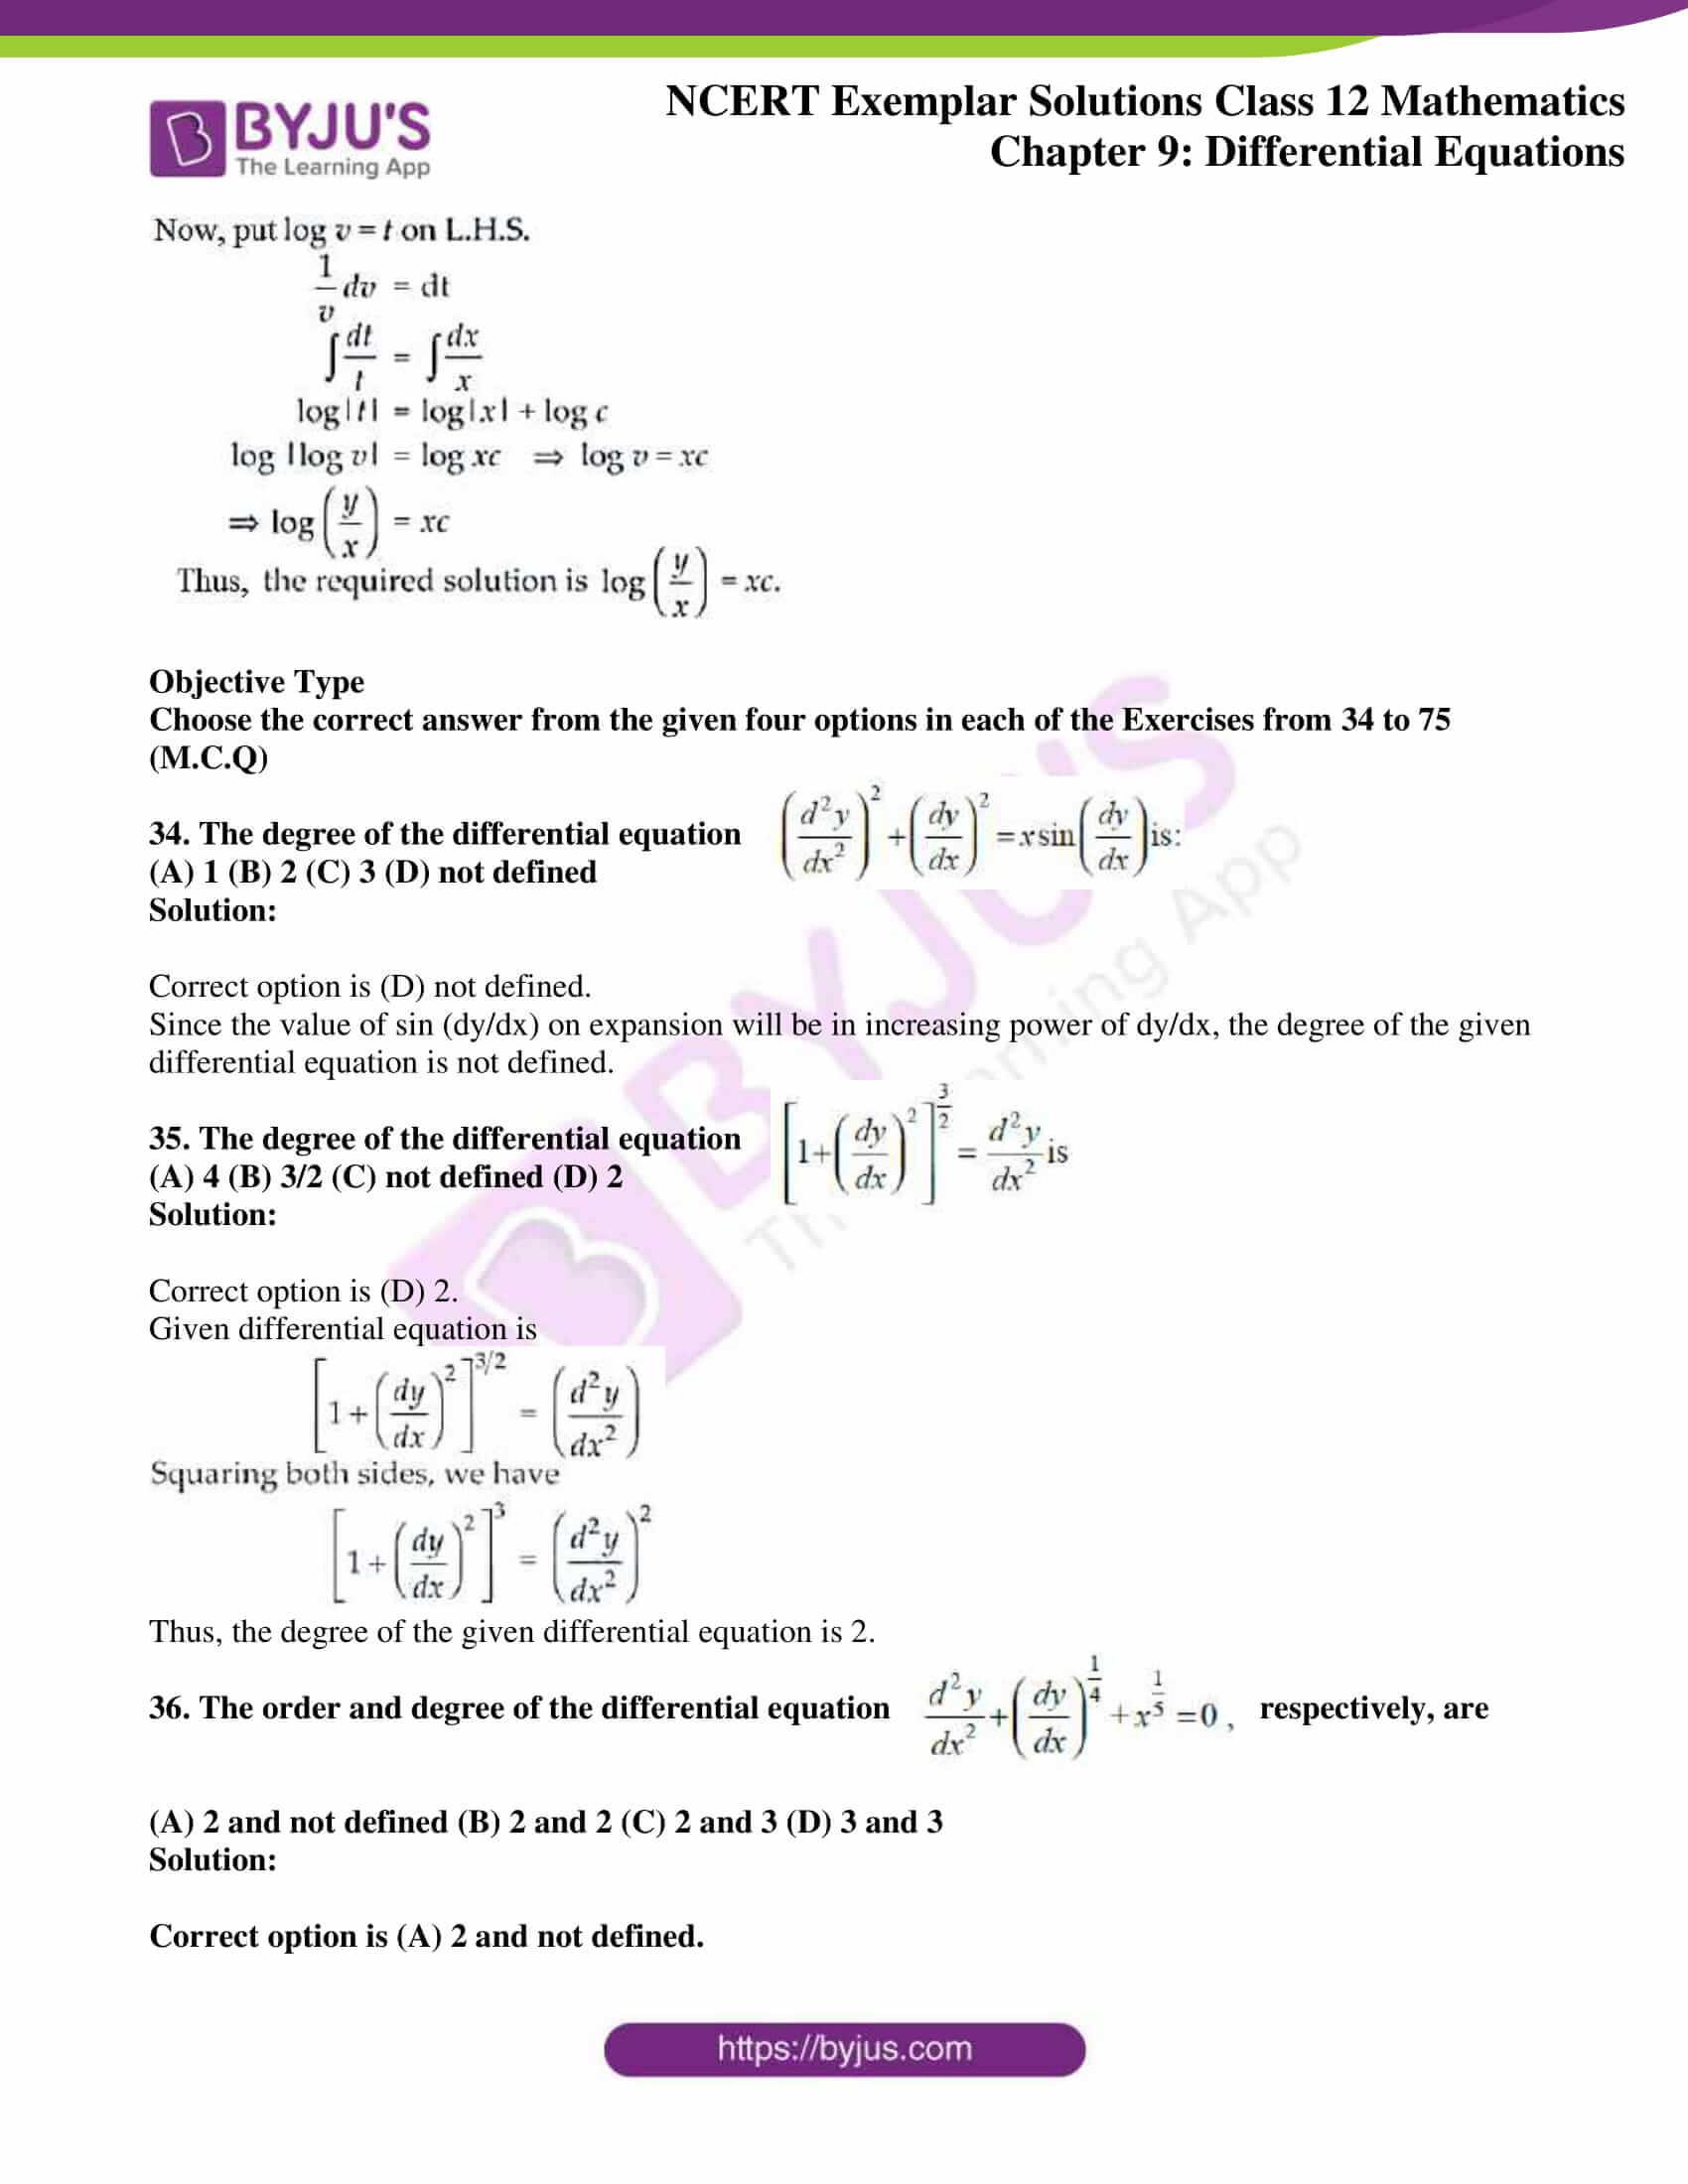 ncert exemplar sol class 12 mathematics ch 9 22